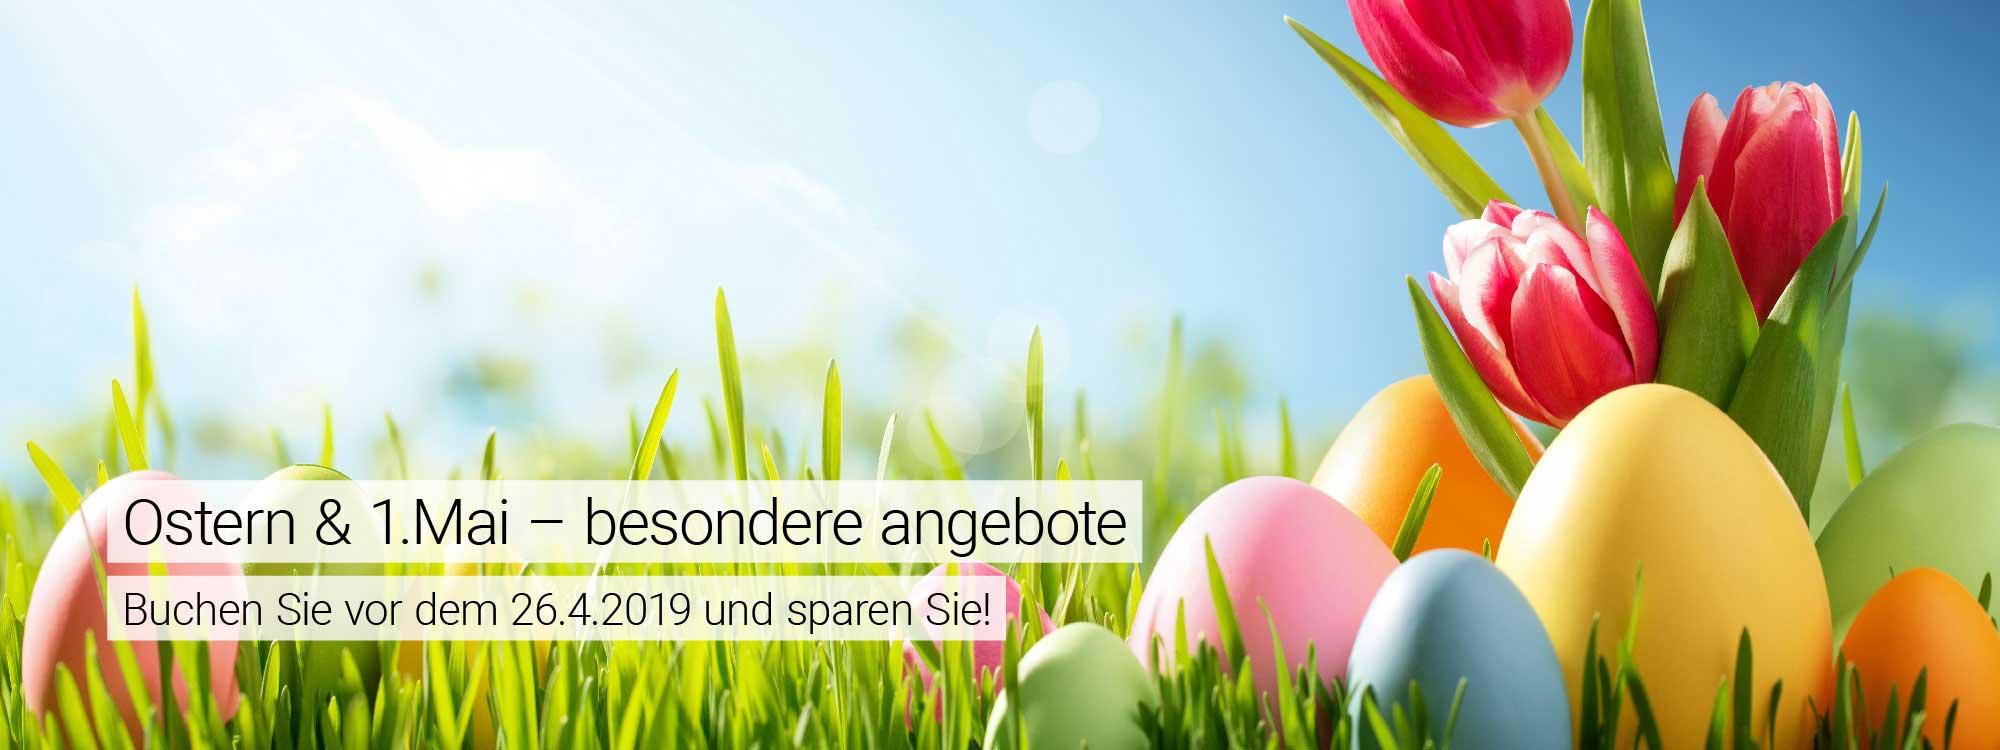 Web-slider-Easter-Labour-NOVO-DE